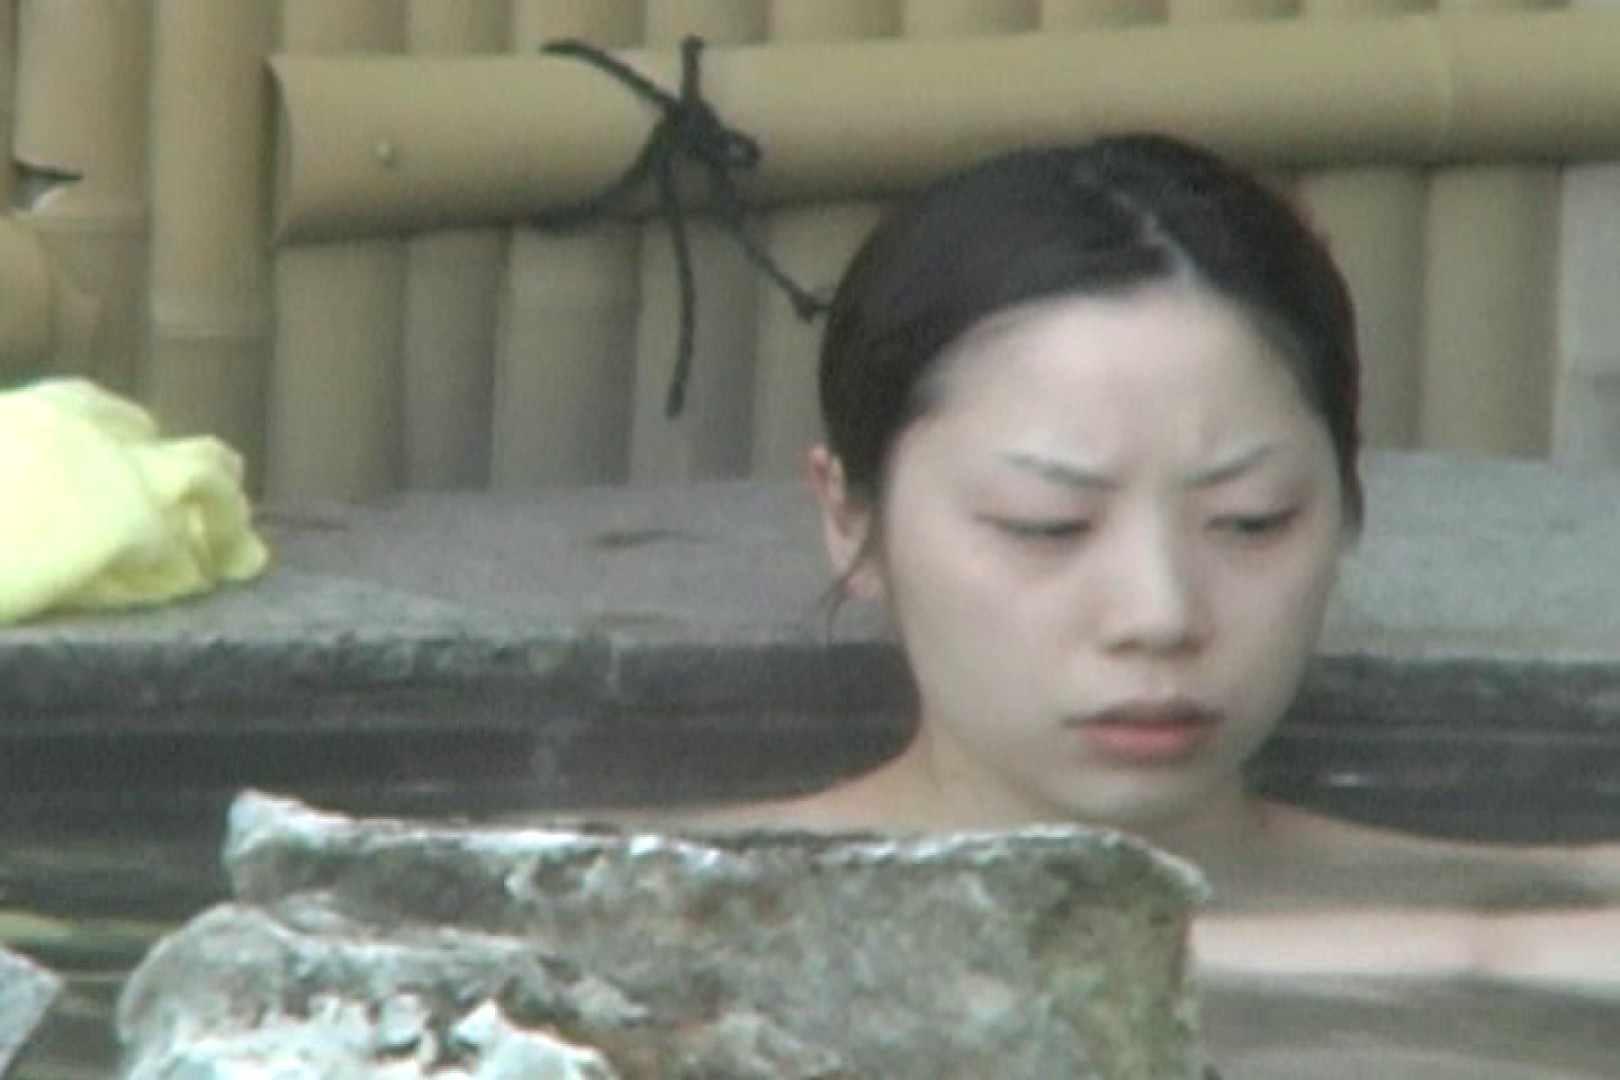 Aquaな露天風呂Vol.596 盗撮シリーズ  113PIX 34